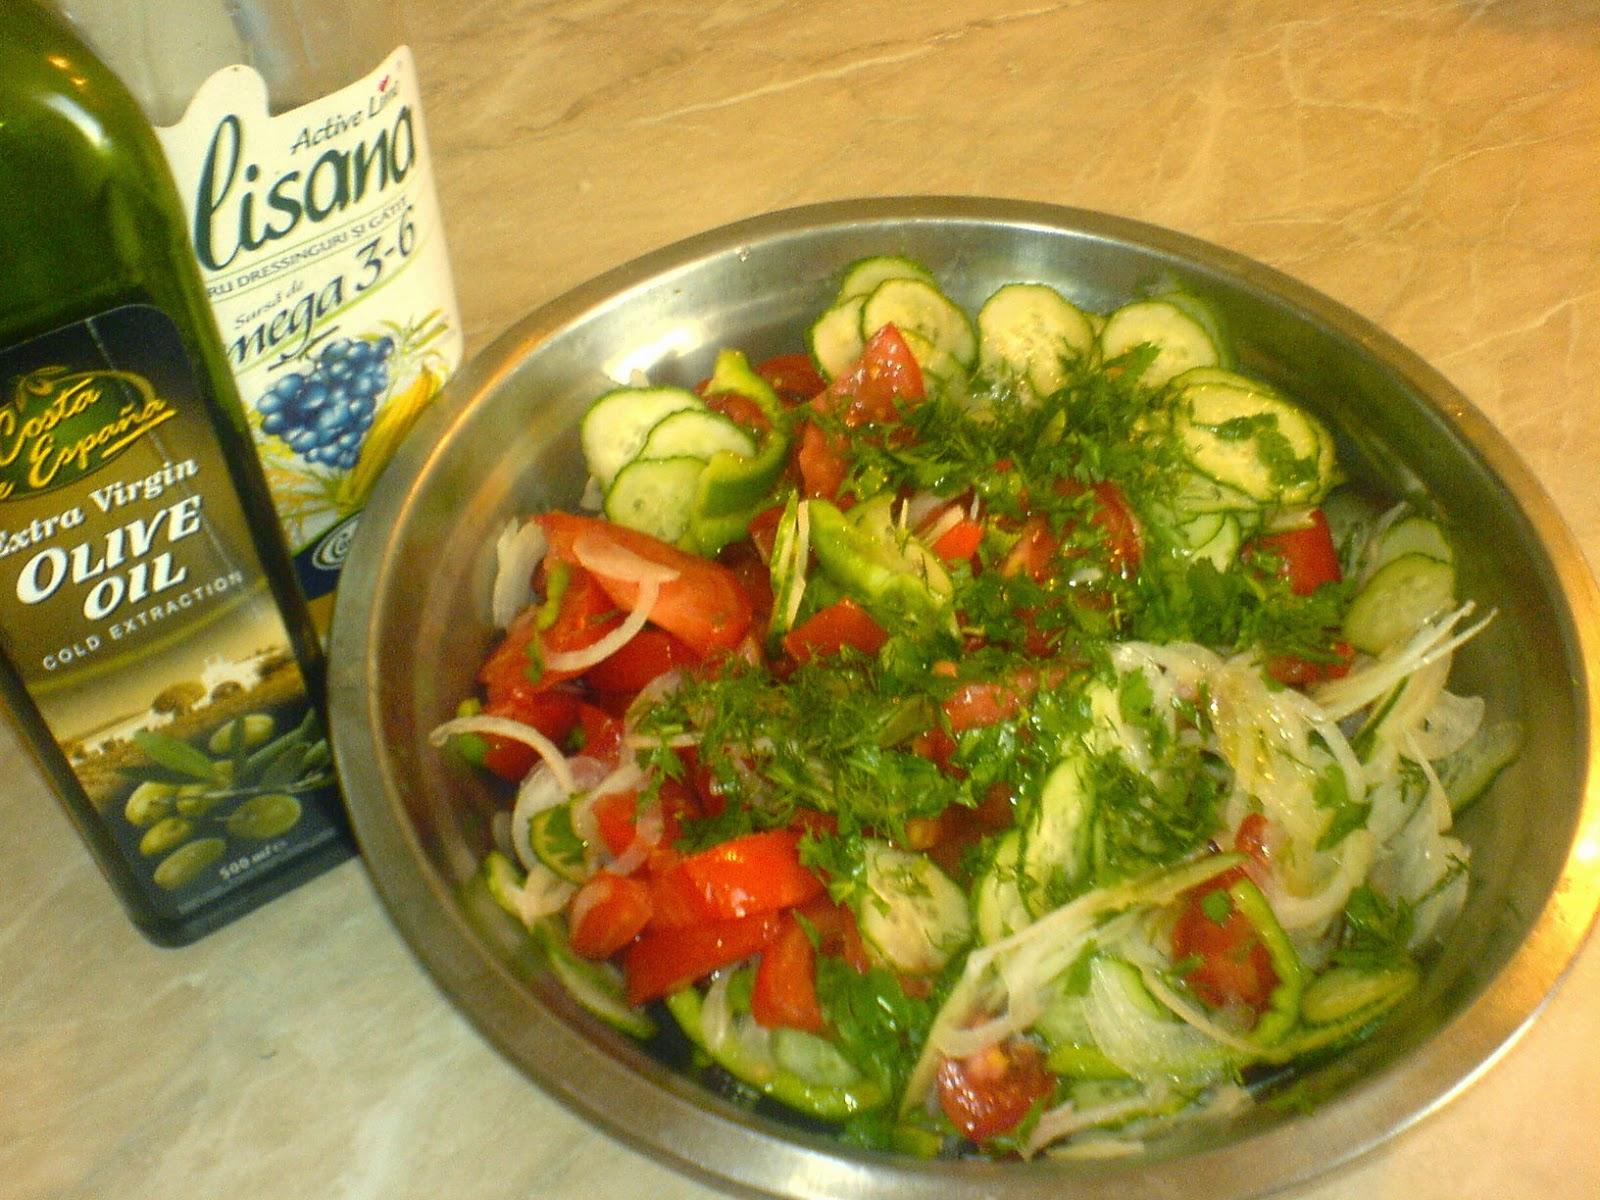 salata, salata de primavara, retete salata, reteta salata, focaccia cu salata, retete si preparate culinare salata, salata cu rosii ceapa si rosii, salata de legume, reteta salata de sezon,